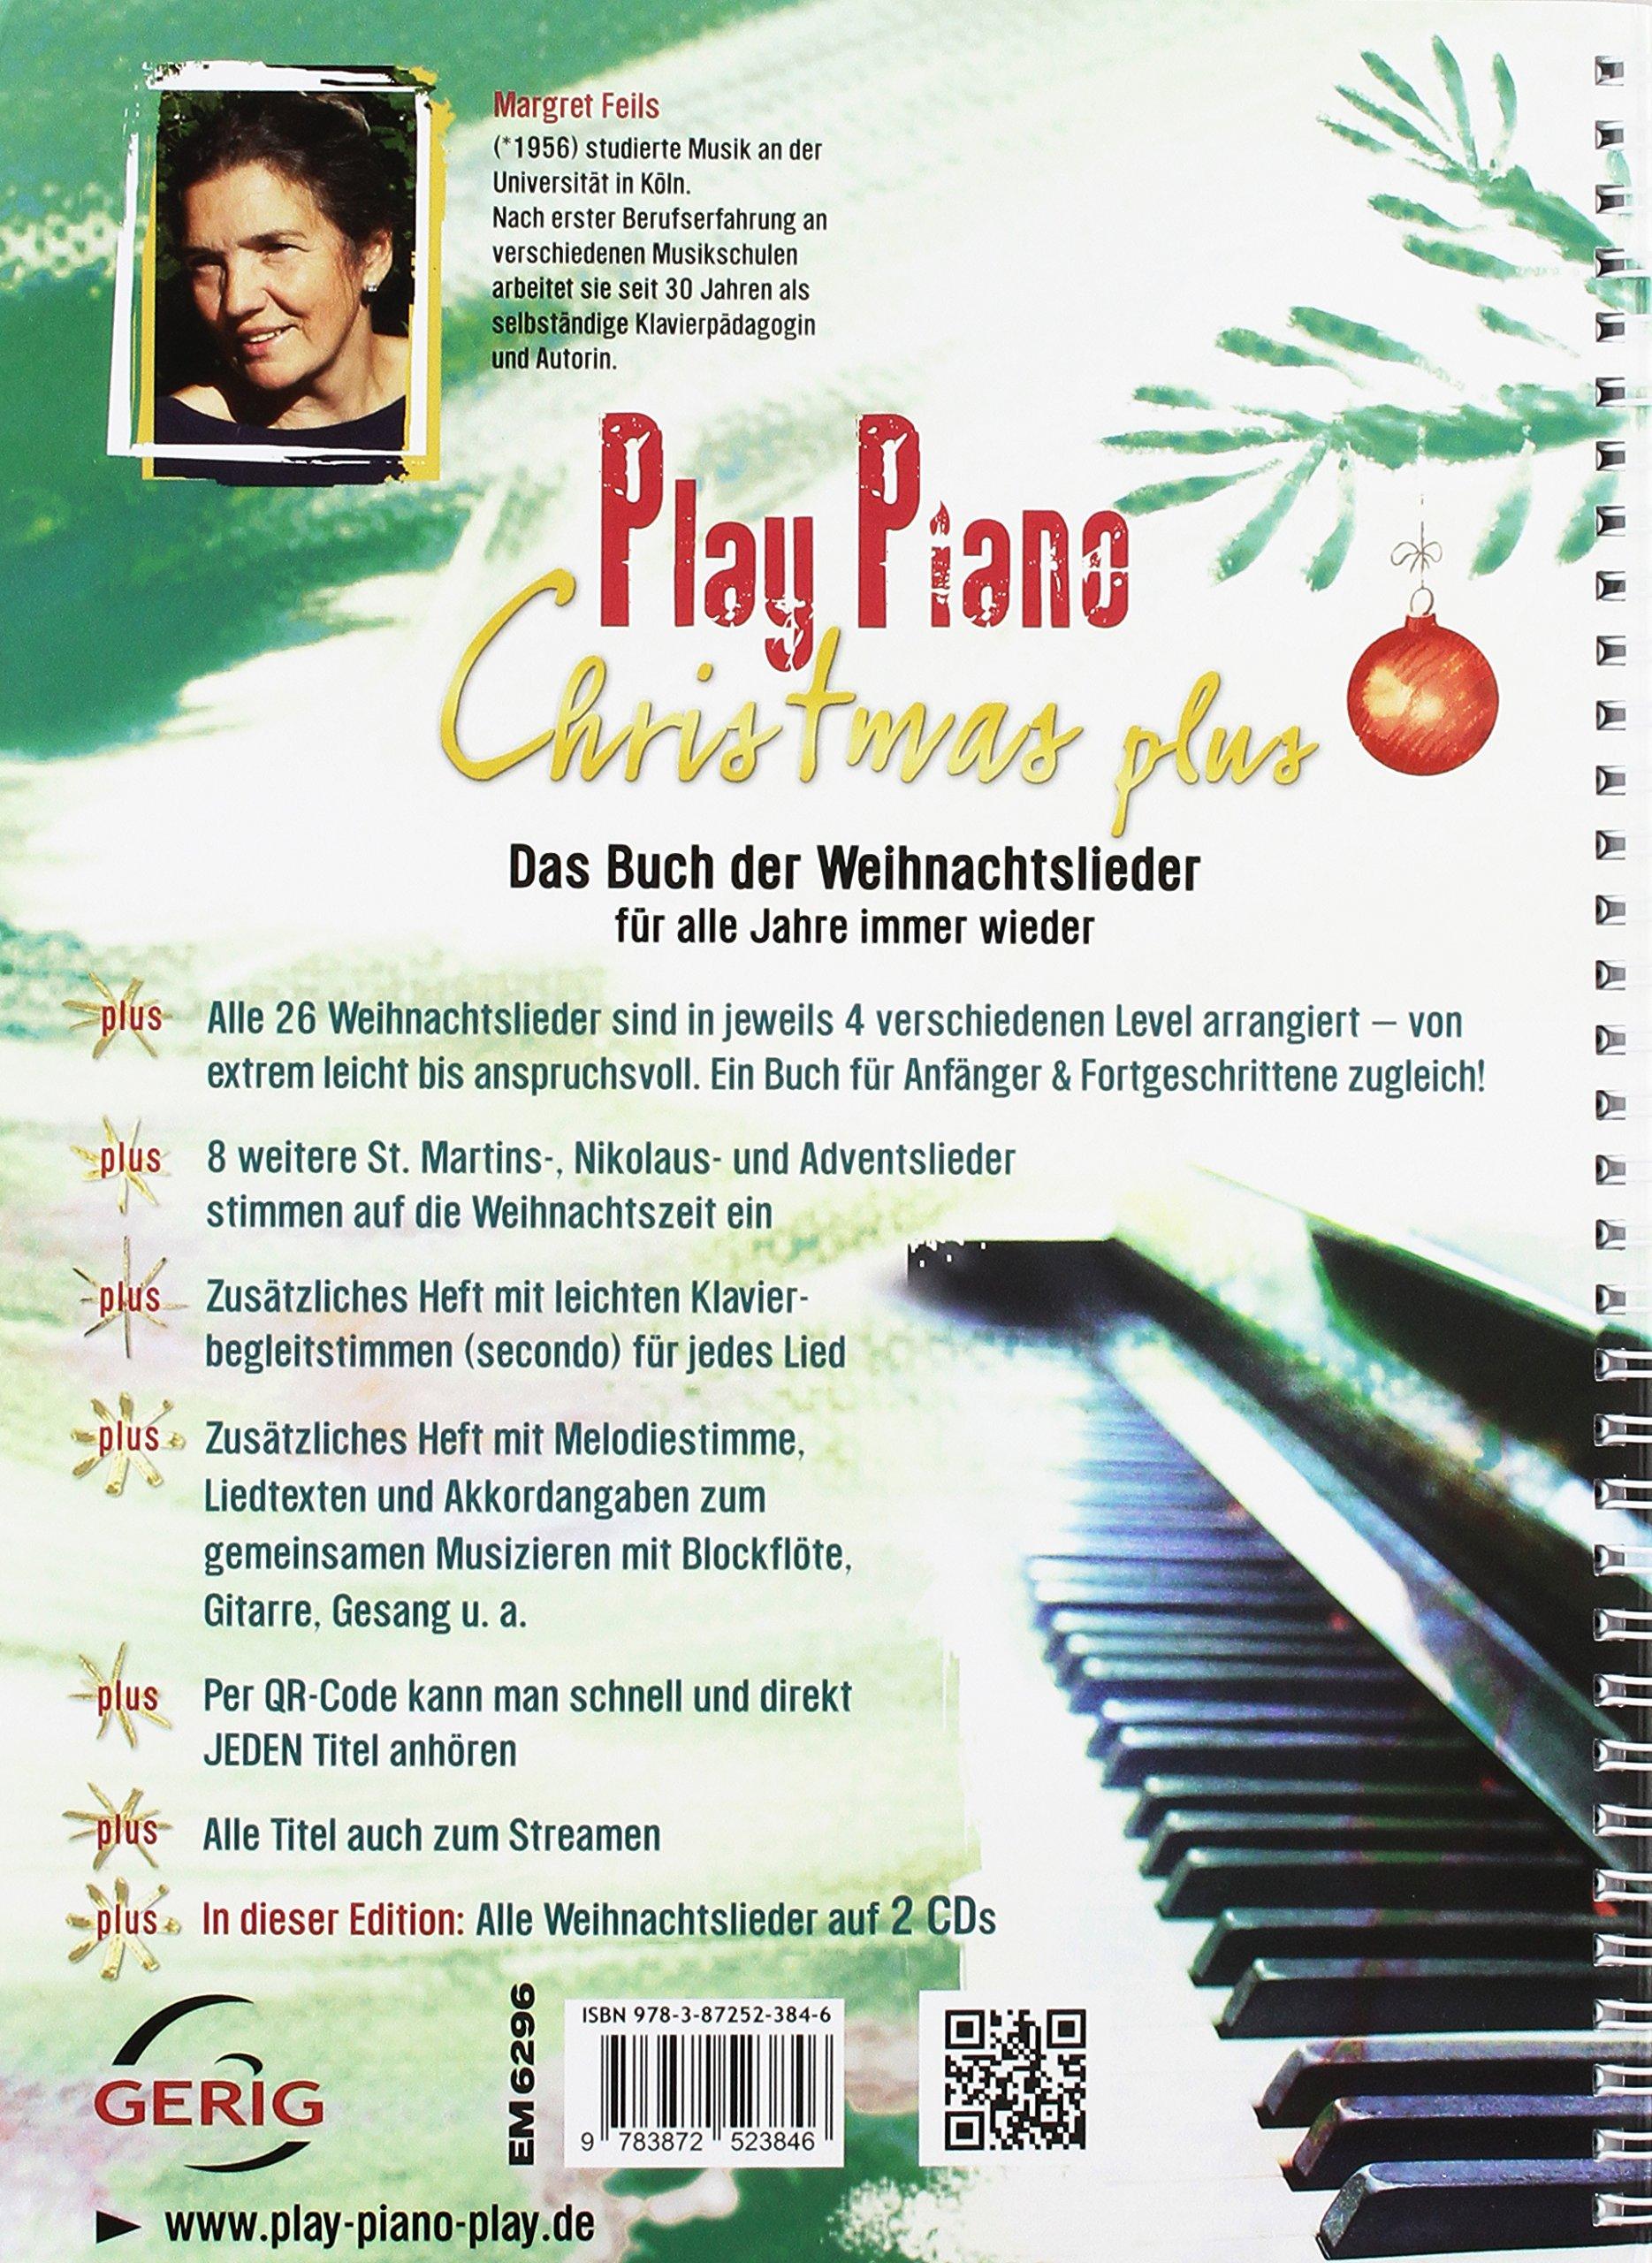 Play Piano Christmas Plus Edition Mit 2 Cds Das Buch Der Weihnachtslieder Für Alle Jahre Wieder 34 Lieder In Verschiedenen Schwierigkeitsgraden Plus 2 Cds Mit Allen Weihnachtsliedern Feils Margret 9783872523846 Amazon Com Books